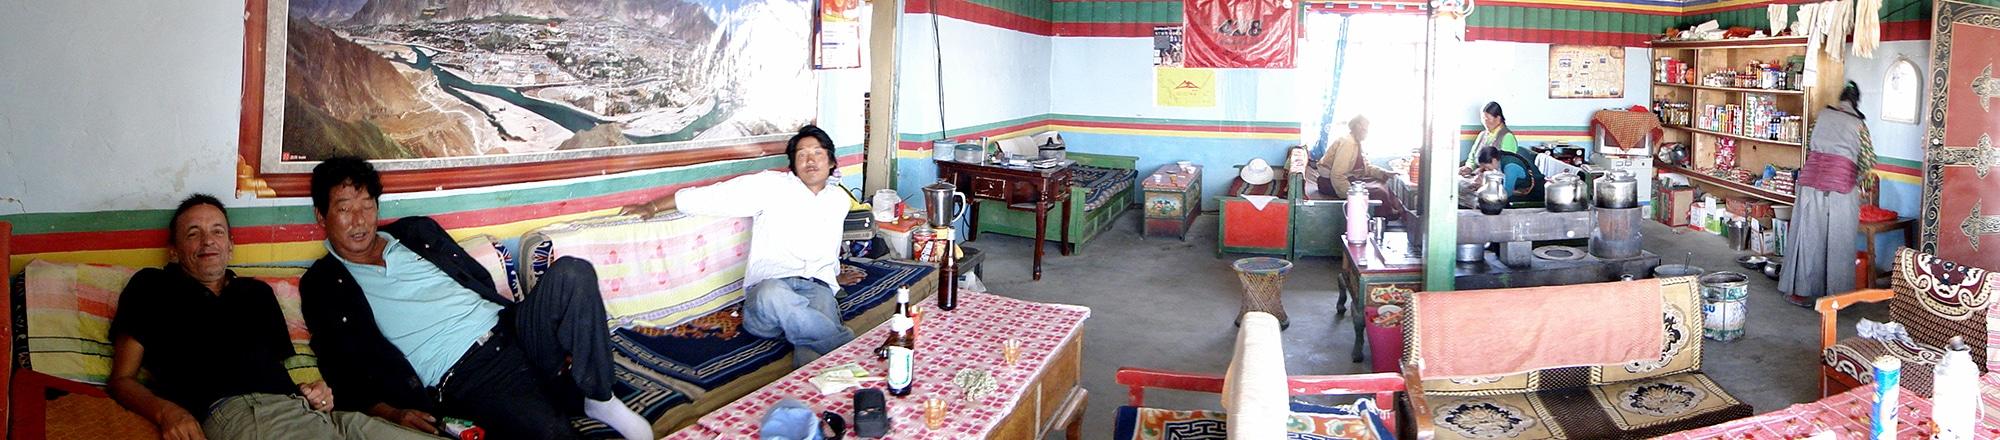 Dans la salle du restaurant de l'hôtellerie du monastère Chiu gompa.